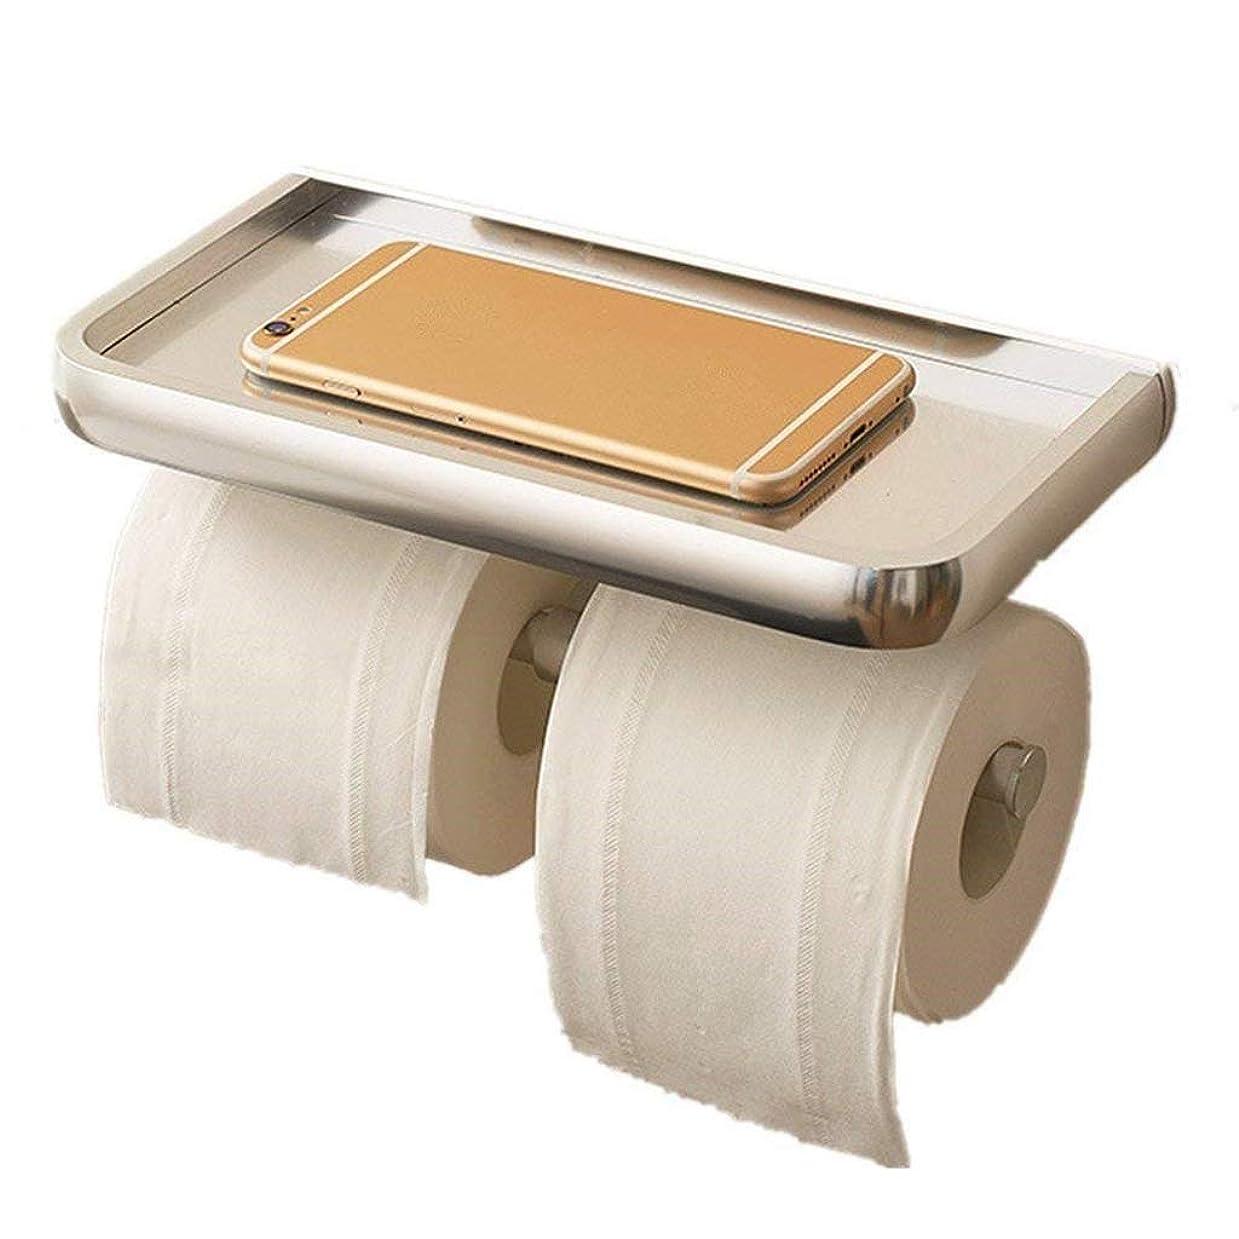 ブランドアブストラクトひいきにするZJHDX 紙タオルラックスペースアルミバスルームティッシュボックスのトイレのトイレットペーパーホルダーハンギングトイレロールホルダートイレットペーパーホルダー